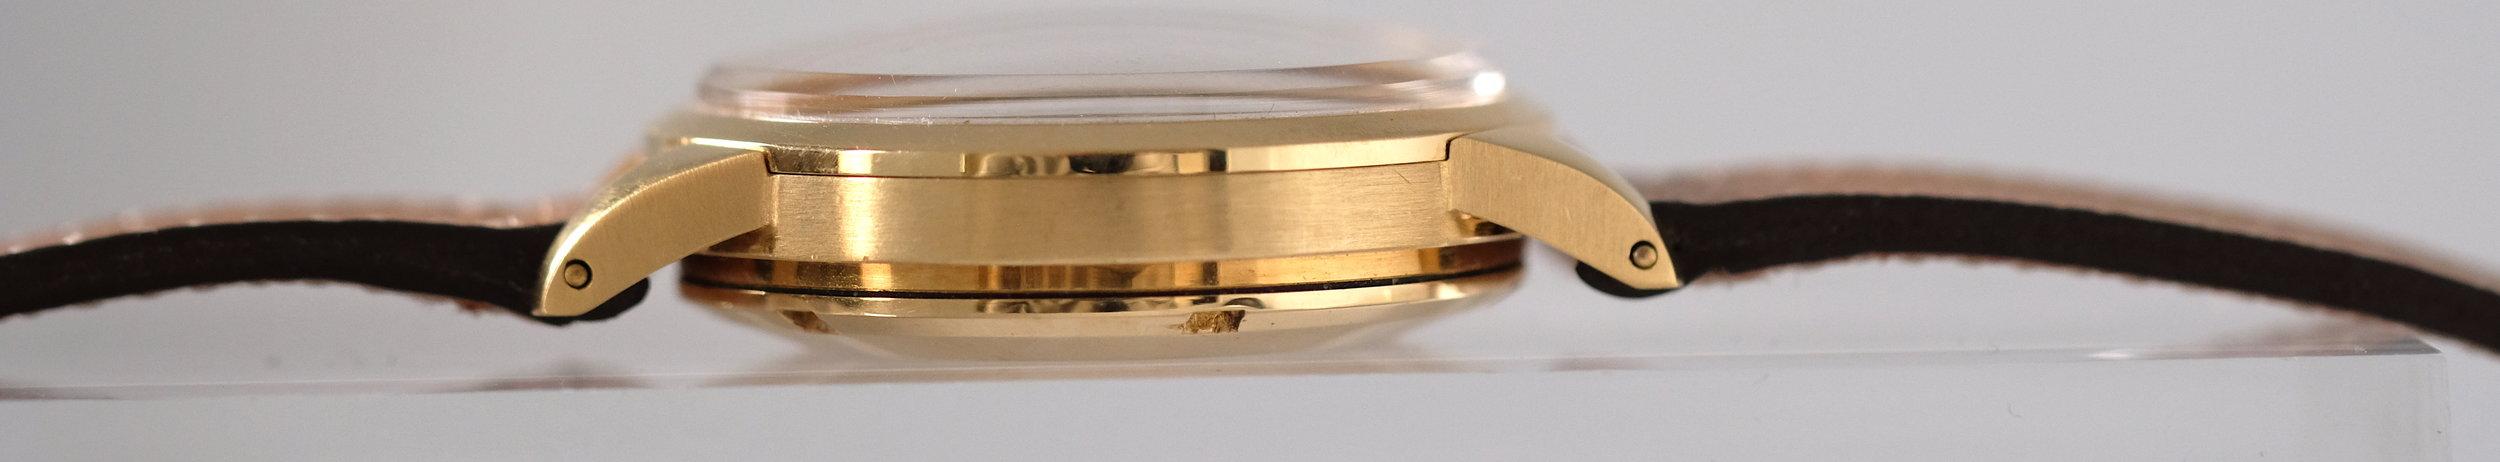 DSCF2356.JPG